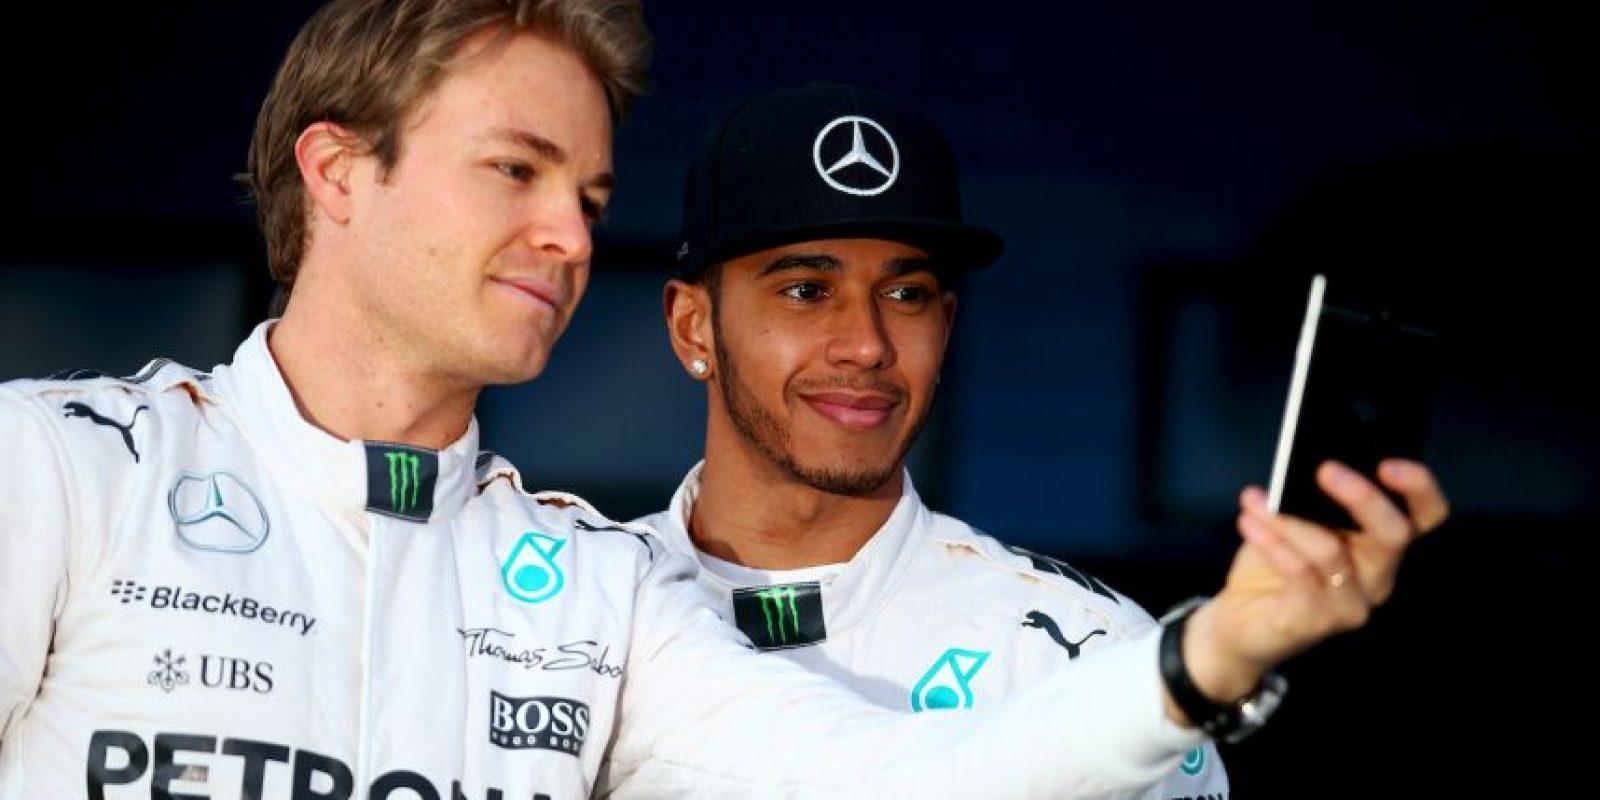 En el Gran Premio de España la relación entre ambos fue más fría, luego de que el británico enviara al alemán al segundo lugar. Foto:Getty Images